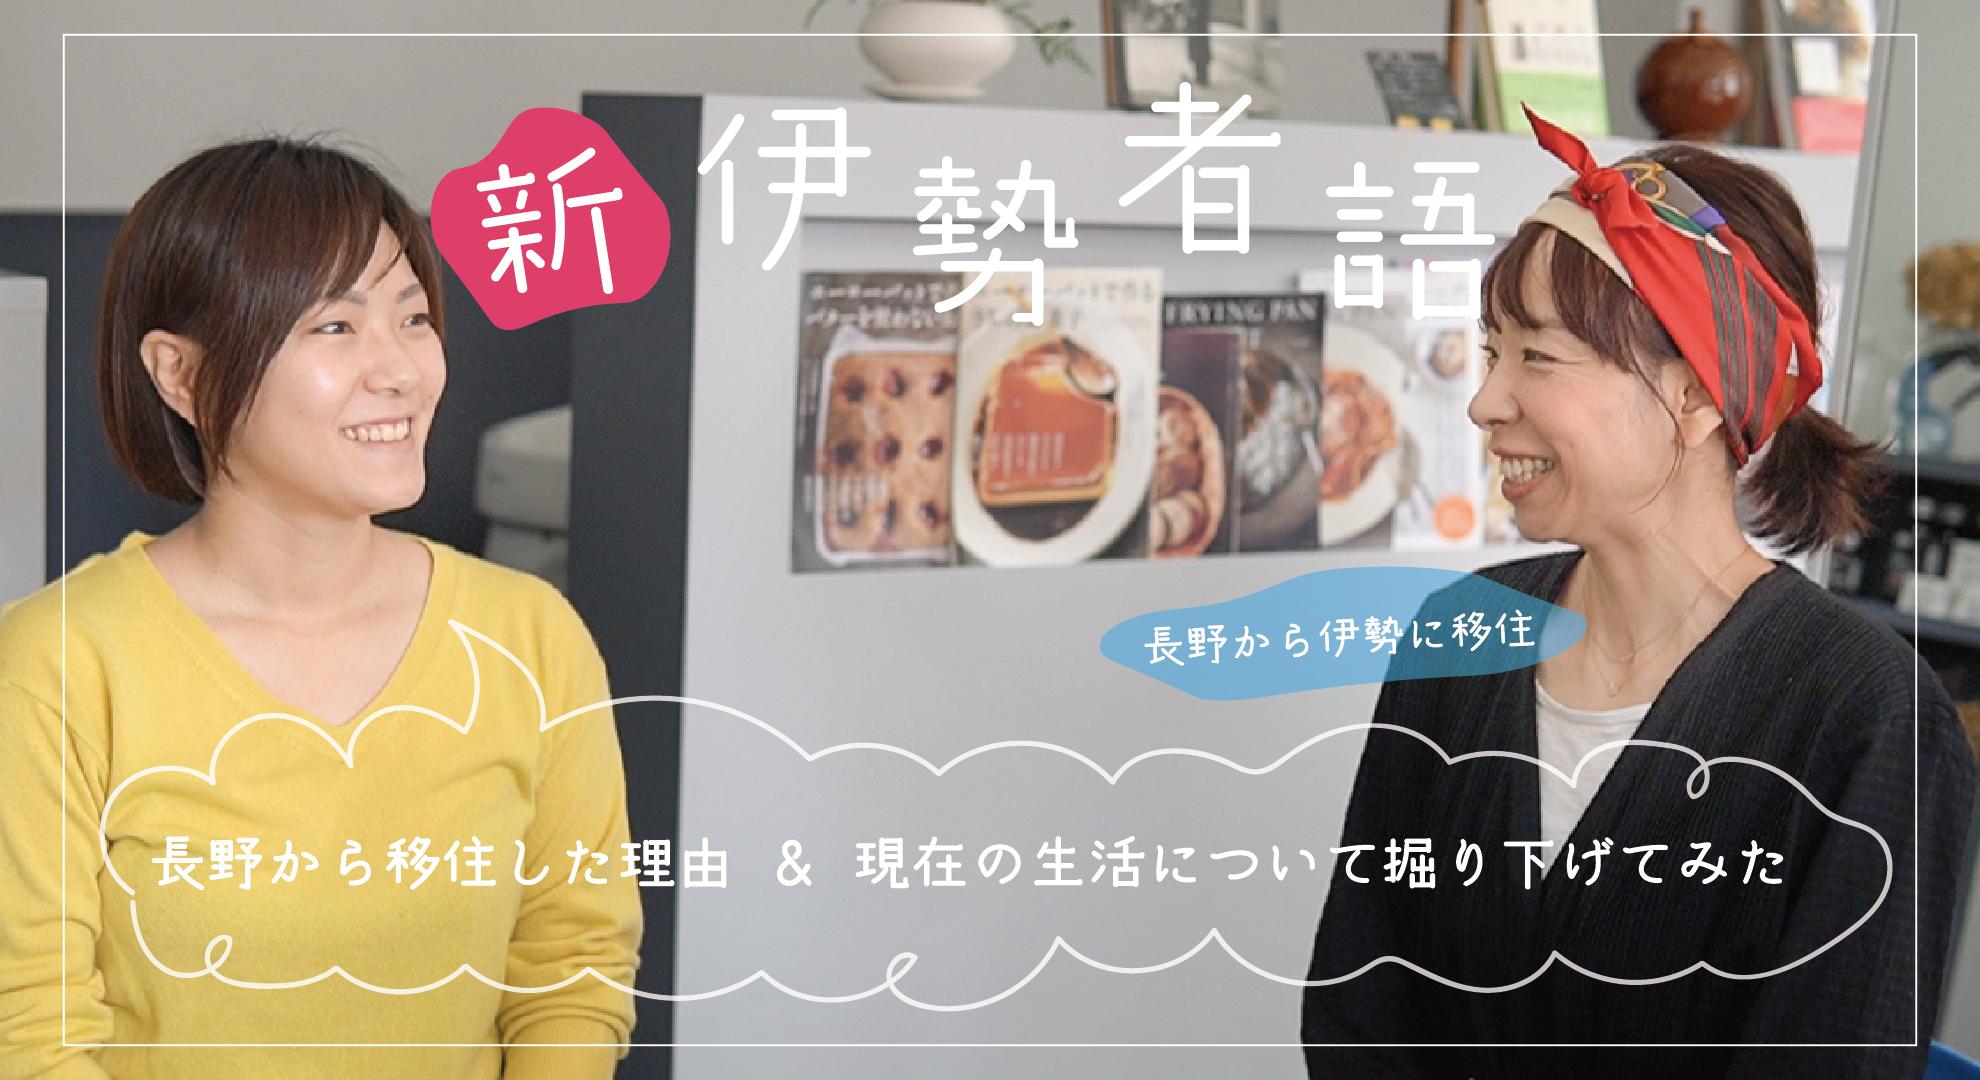 伊勢移住PR動画 『新・伊勢者語(第3弾・Iターン編)』が公開されました_写真1